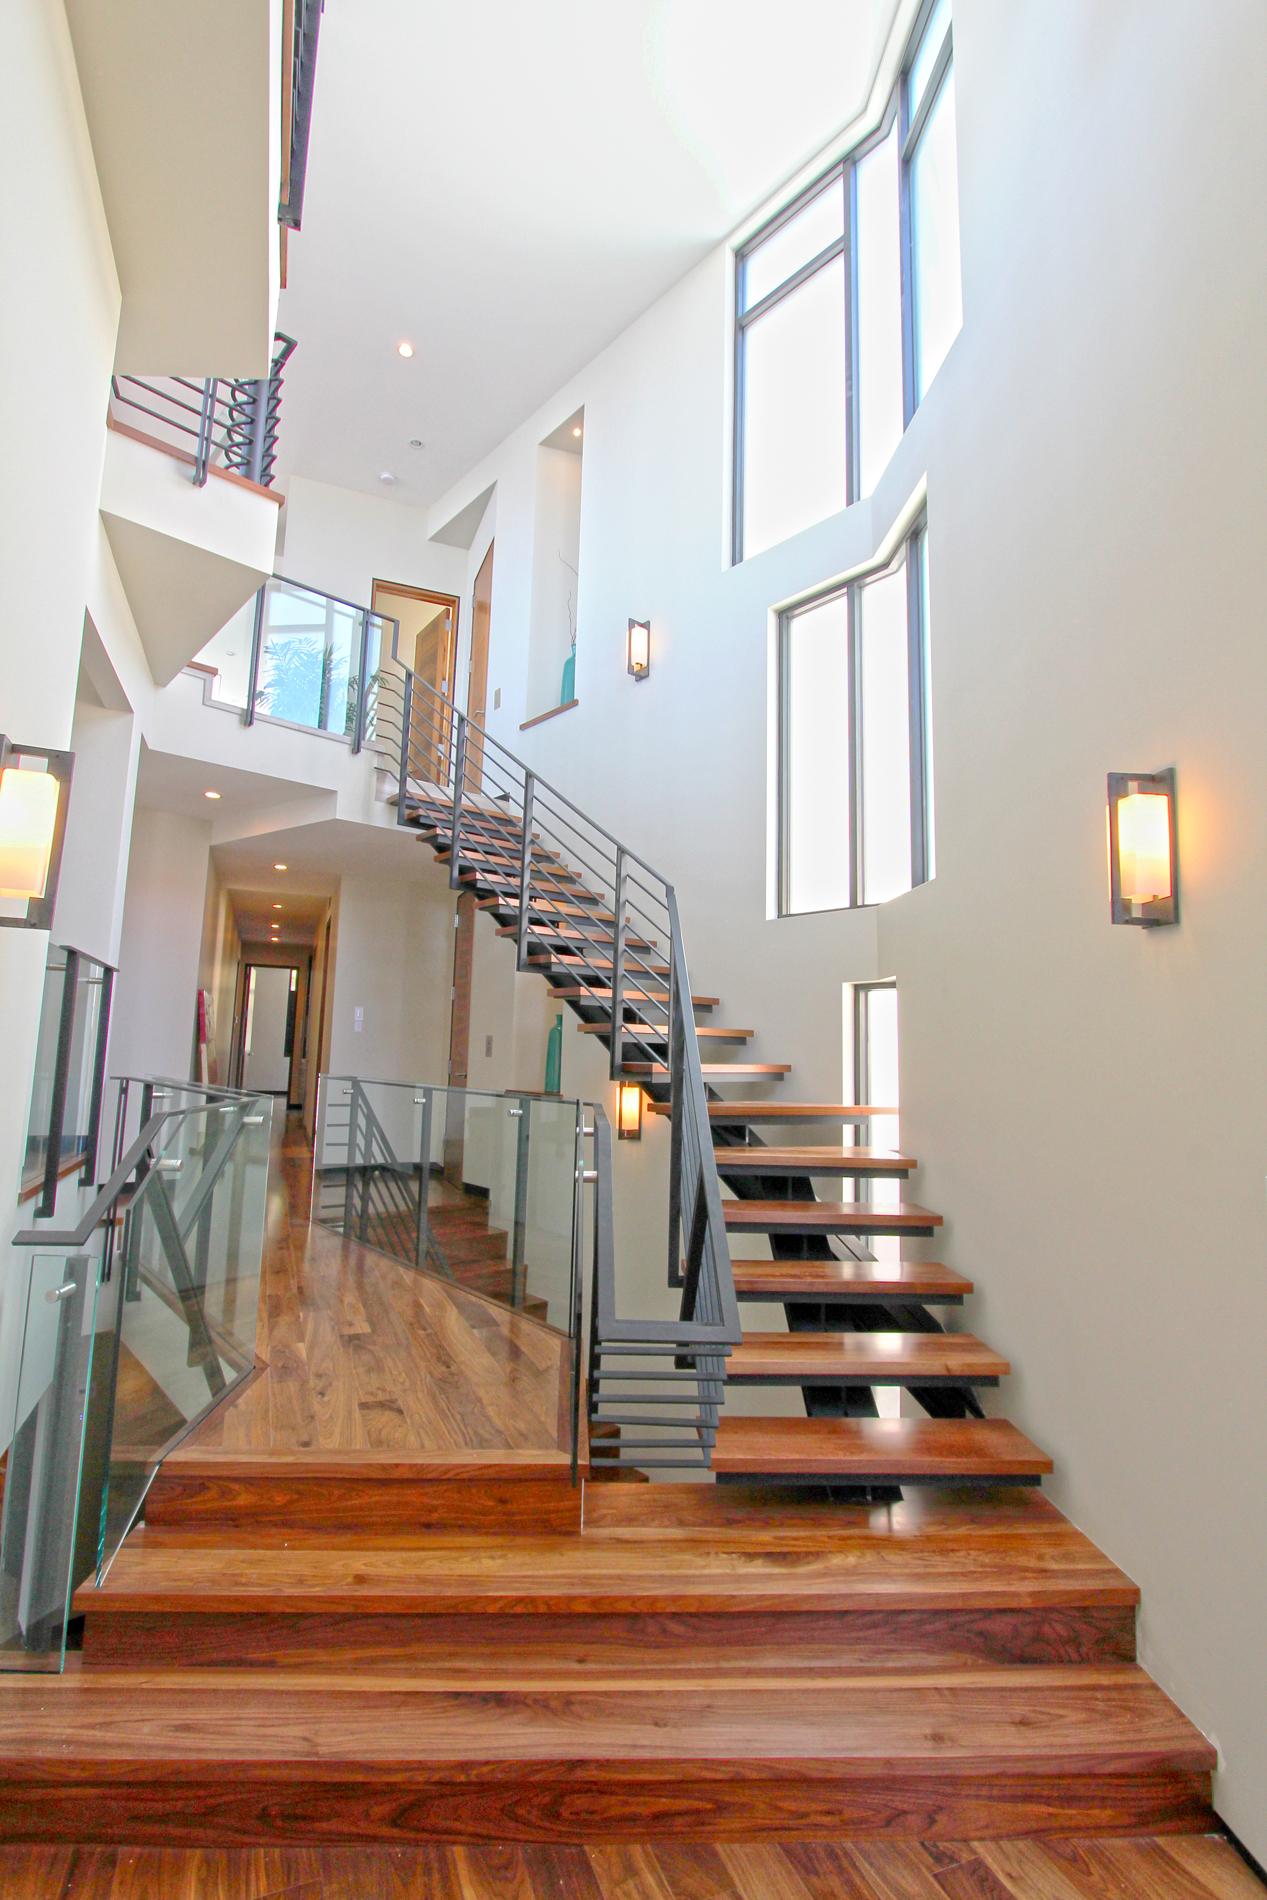 03vista 34th entry stair.jpg